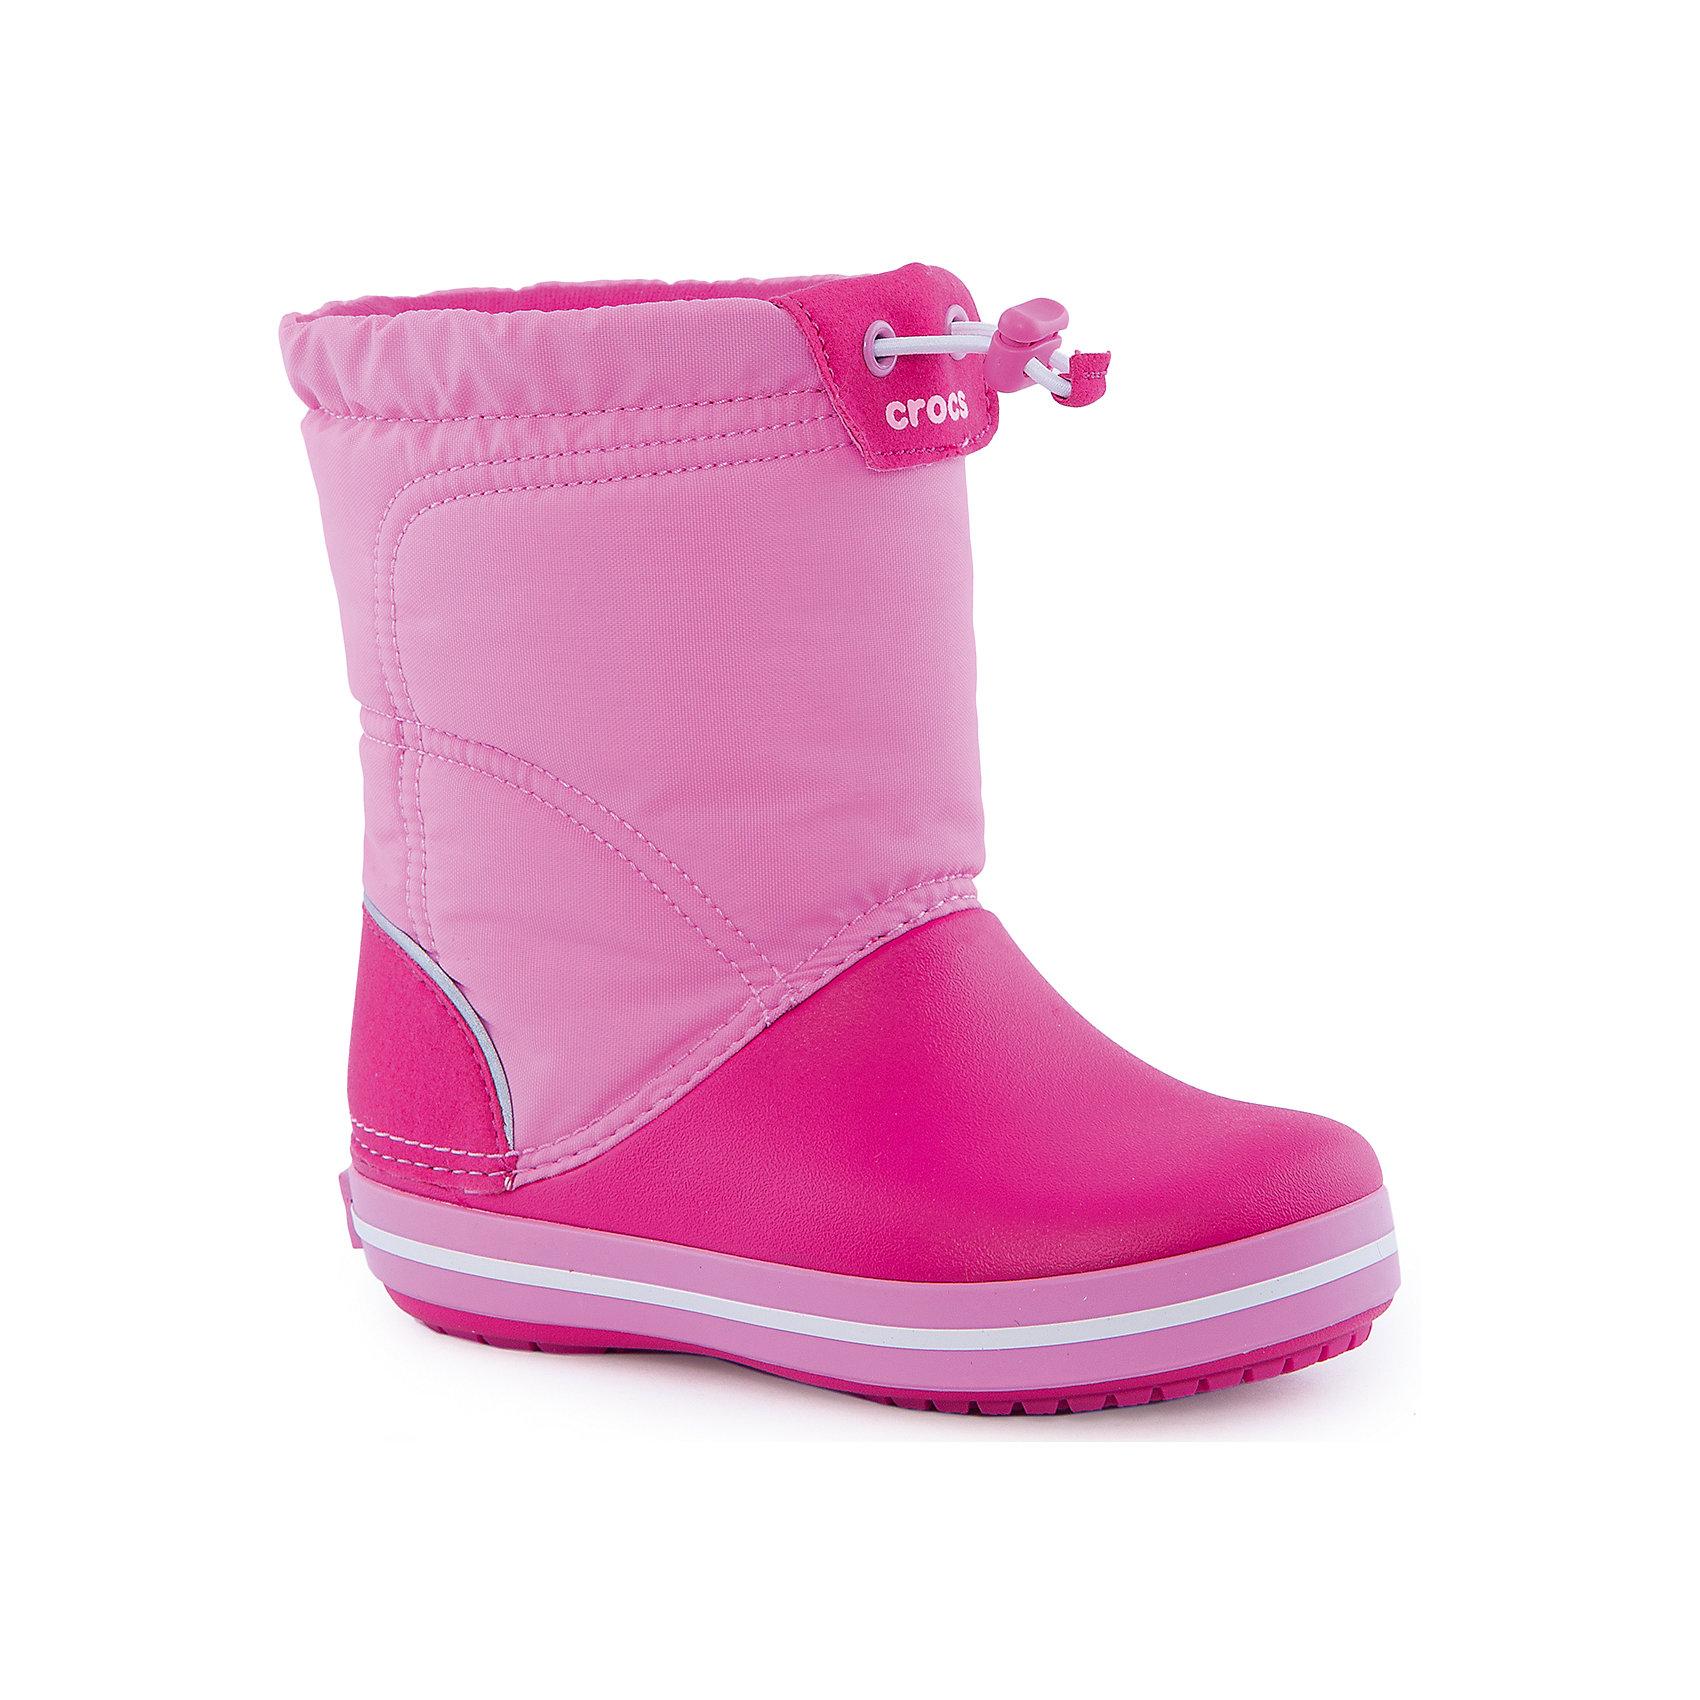 Сапоги Kids' Crocband LodgePoint Boot CrocsРезиновые сапоги<br>Характеристики товара:<br><br>• цвет: розовый<br>• материал: верх - текстиль, низ -100% полимер Croslite™<br>• материал подкладки: текстиль<br>• непромокаемая носочная часть<br>• температурный режим: от -15° до +10° С<br>• легко очищаются<br>• антискользящая подошва<br>• шнурок со стоппером<br>• толстая устойчивая подошва<br>• страна бренда: США<br>• страна изготовитель: Китай<br><br>Сапоги могут быть и стильными, и теплыми! Для детской обуви крайне важно, чтобы она была удобной. Такие сапоги обеспечивают детям необходимый комфорт, а теплая подкладка создает особый микроклимат. Сапоги легко надеваются и снимаются, отлично сидят на ноге. Материал, из которого они сделаны, не дает размножаться бактериям, поэтому такая обувь препятствует образованию неприятного запаха и появлению болезней стоп. Данная модель особенно понравится детям - ведь в них можно бегать по лужам!<br>Обувь от американского бренда Crocs в данный момент завоевала широкую популярность во всем мире, и это не удивительно - ведь она невероятно удобна. Её носят врачи, спортсмены, звёзды шоу-бизнеса, люди, которым много времени приходится бывать на ногах - они понимают, как важна комфортная обувь. Продукция Crocs - это качественные товары, созданные с применением новейших технологий. Обувь отличается стильным дизайном и продуманной конструкцией. Изделие производится из качественных и проверенных материалов, которые безопасны для детей.<br><br>Сапоги для девочки от торговой марки Crocs можно купить в нашем интернет-магазине.<br><br>Ширина мм: 237<br>Глубина мм: 180<br>Высота мм: 152<br>Вес г: 438<br>Цвет: розовый<br>Возраст от месяцев: 18<br>Возраст до месяцев: 21<br>Пол: Женский<br>Возраст: Детский<br>Размер: 23,34,27,28,29,30,24,25,26,31,33<br>SKU: 4940708